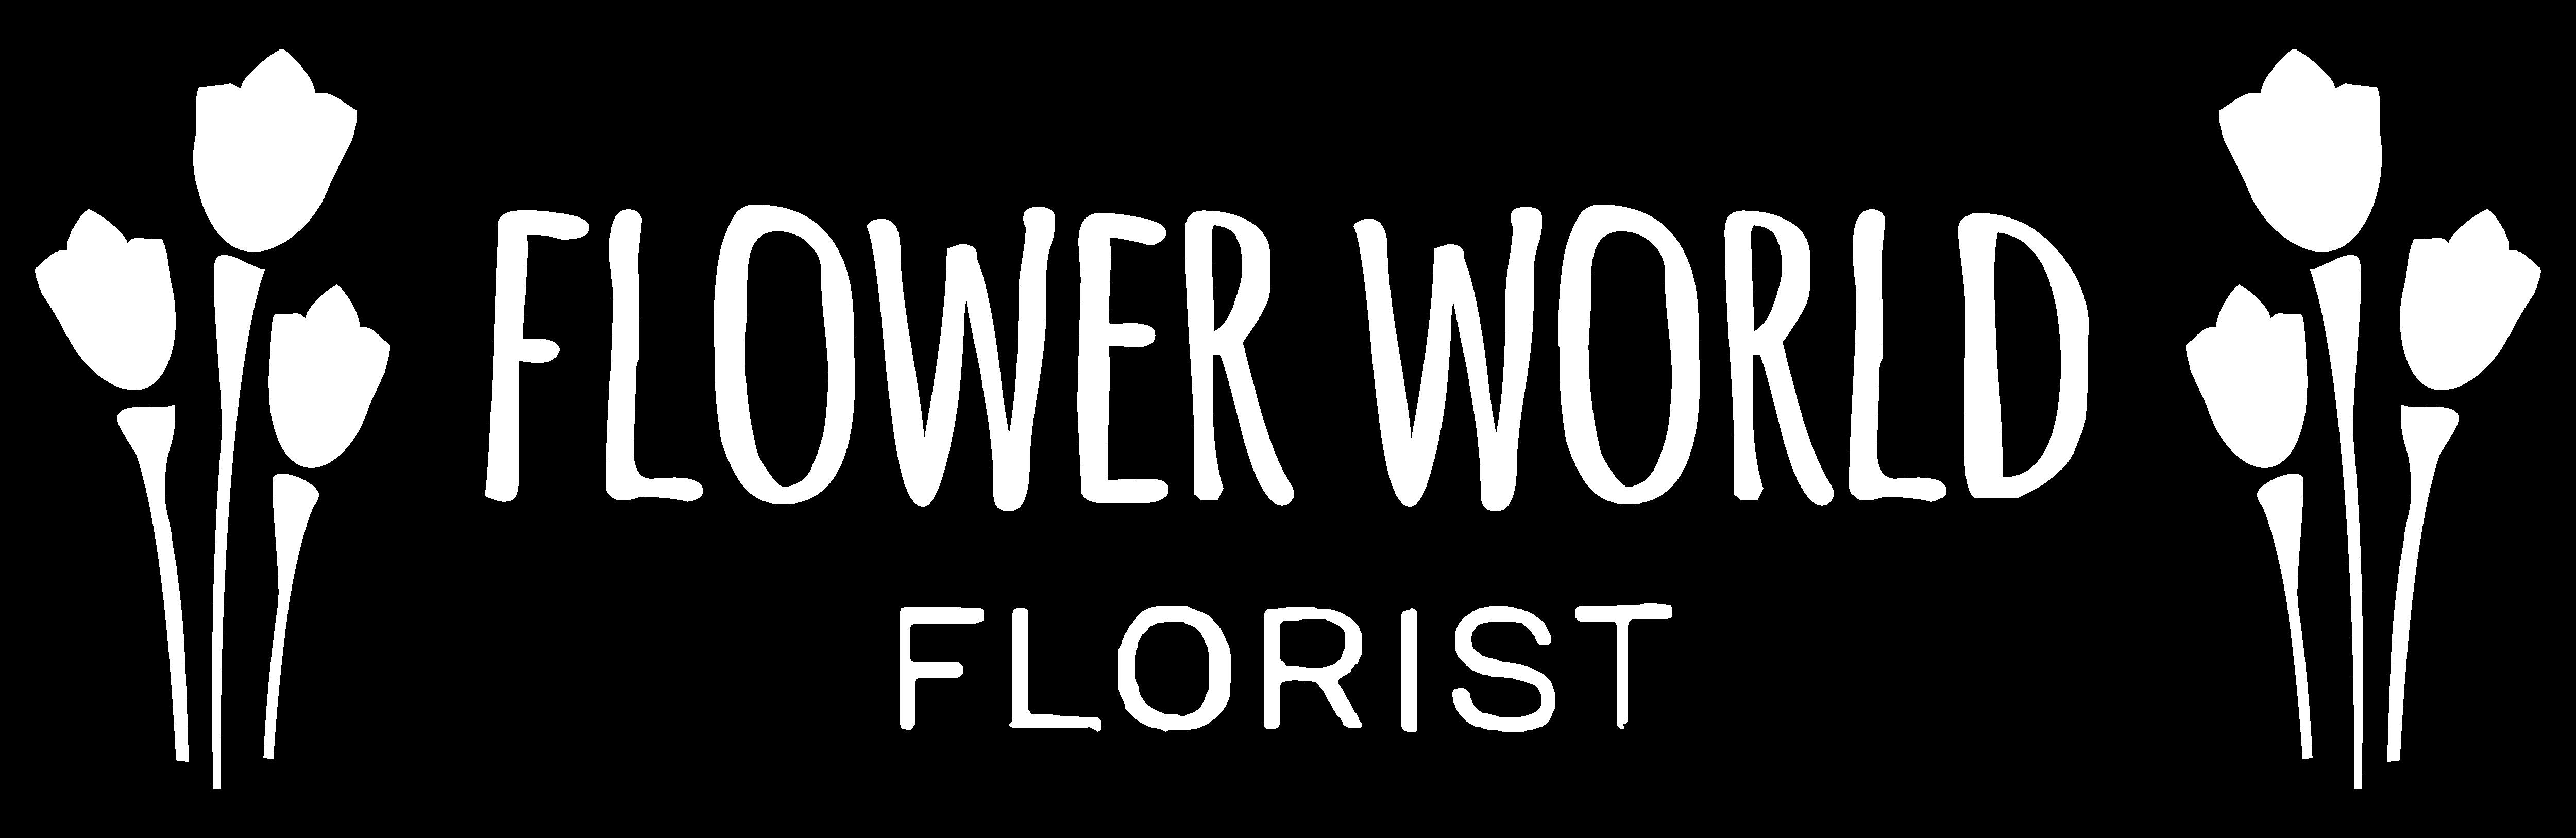 Flower World Florist - Flower Delivery in Vero Beach, FL